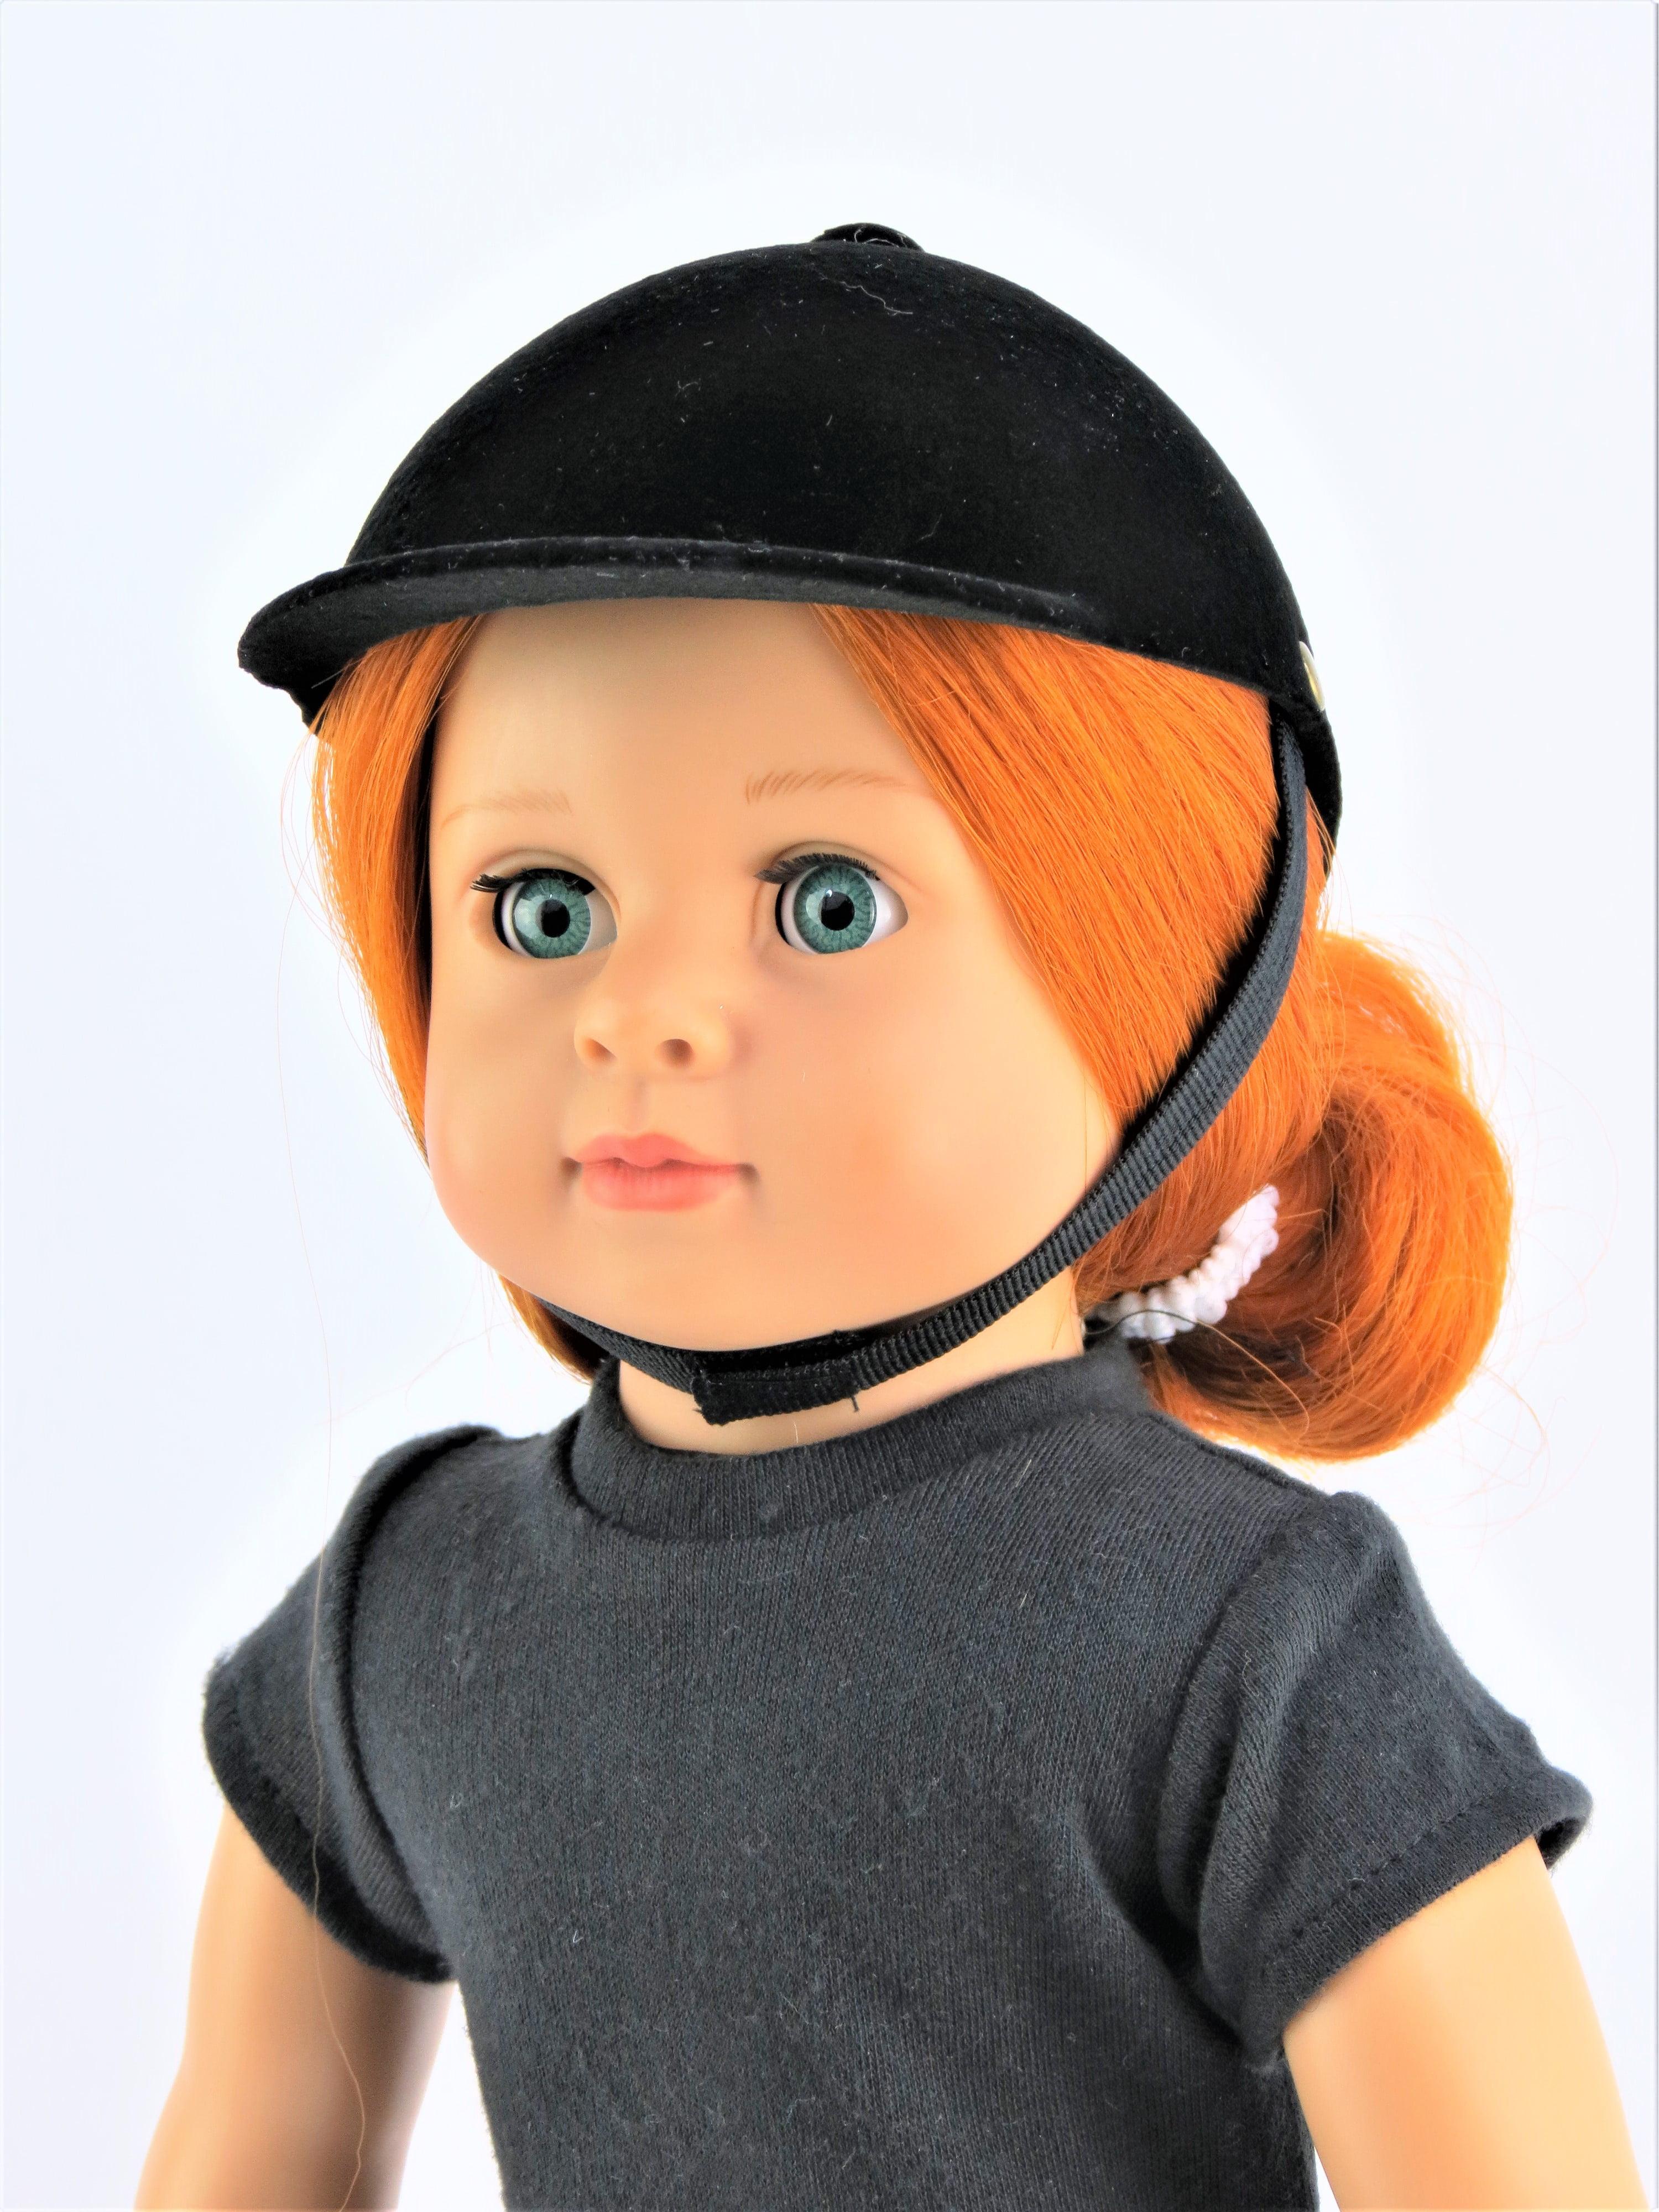 """Doll BIKE SEAT Carrier for 18/"""" Our Generation Helmet For Girl /& Boy AG Dolls NEW"""